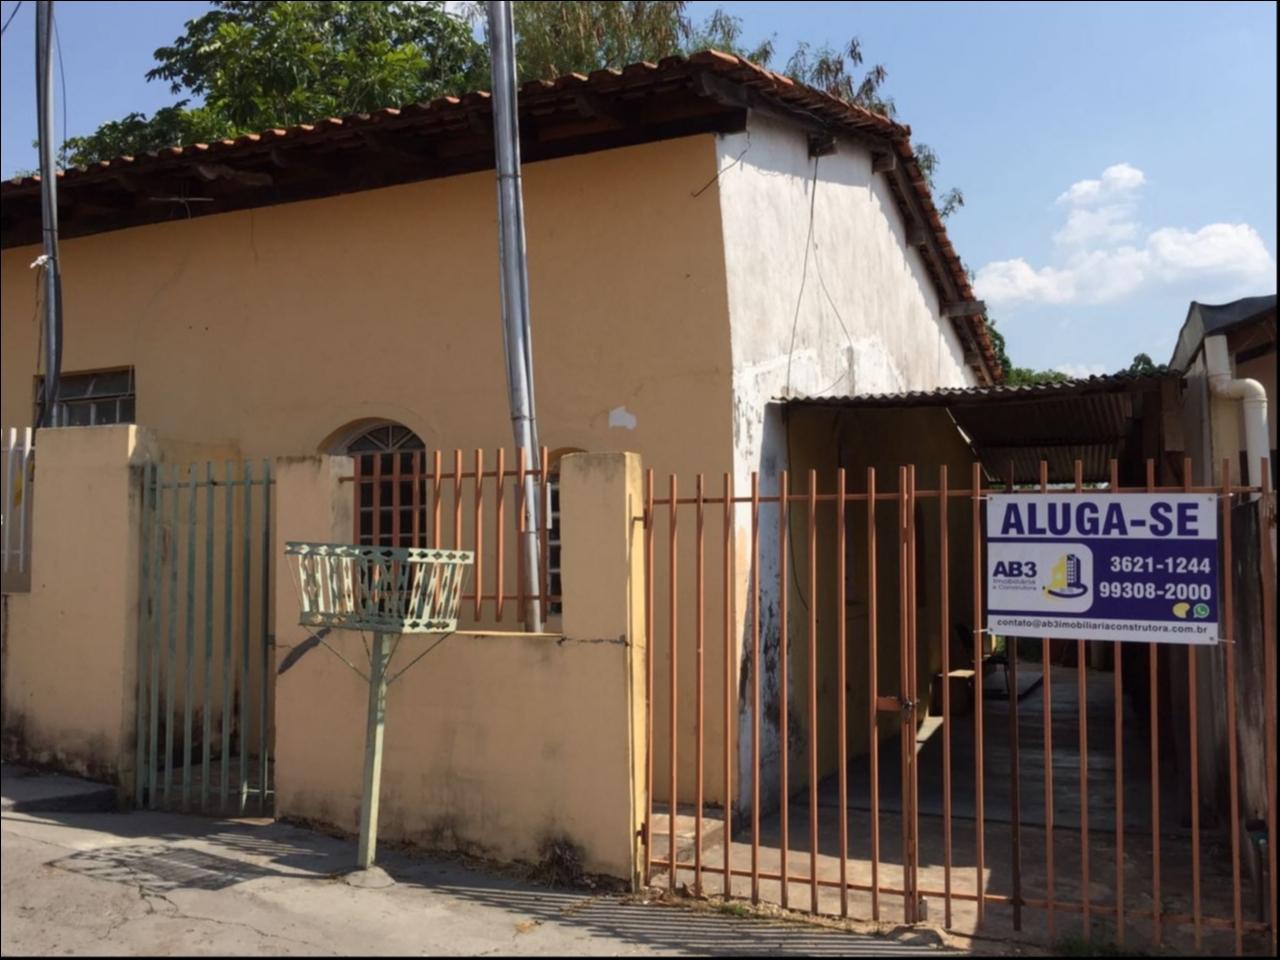 Casa  com 1 quarto no boa esperança, Cuiabá  - MT